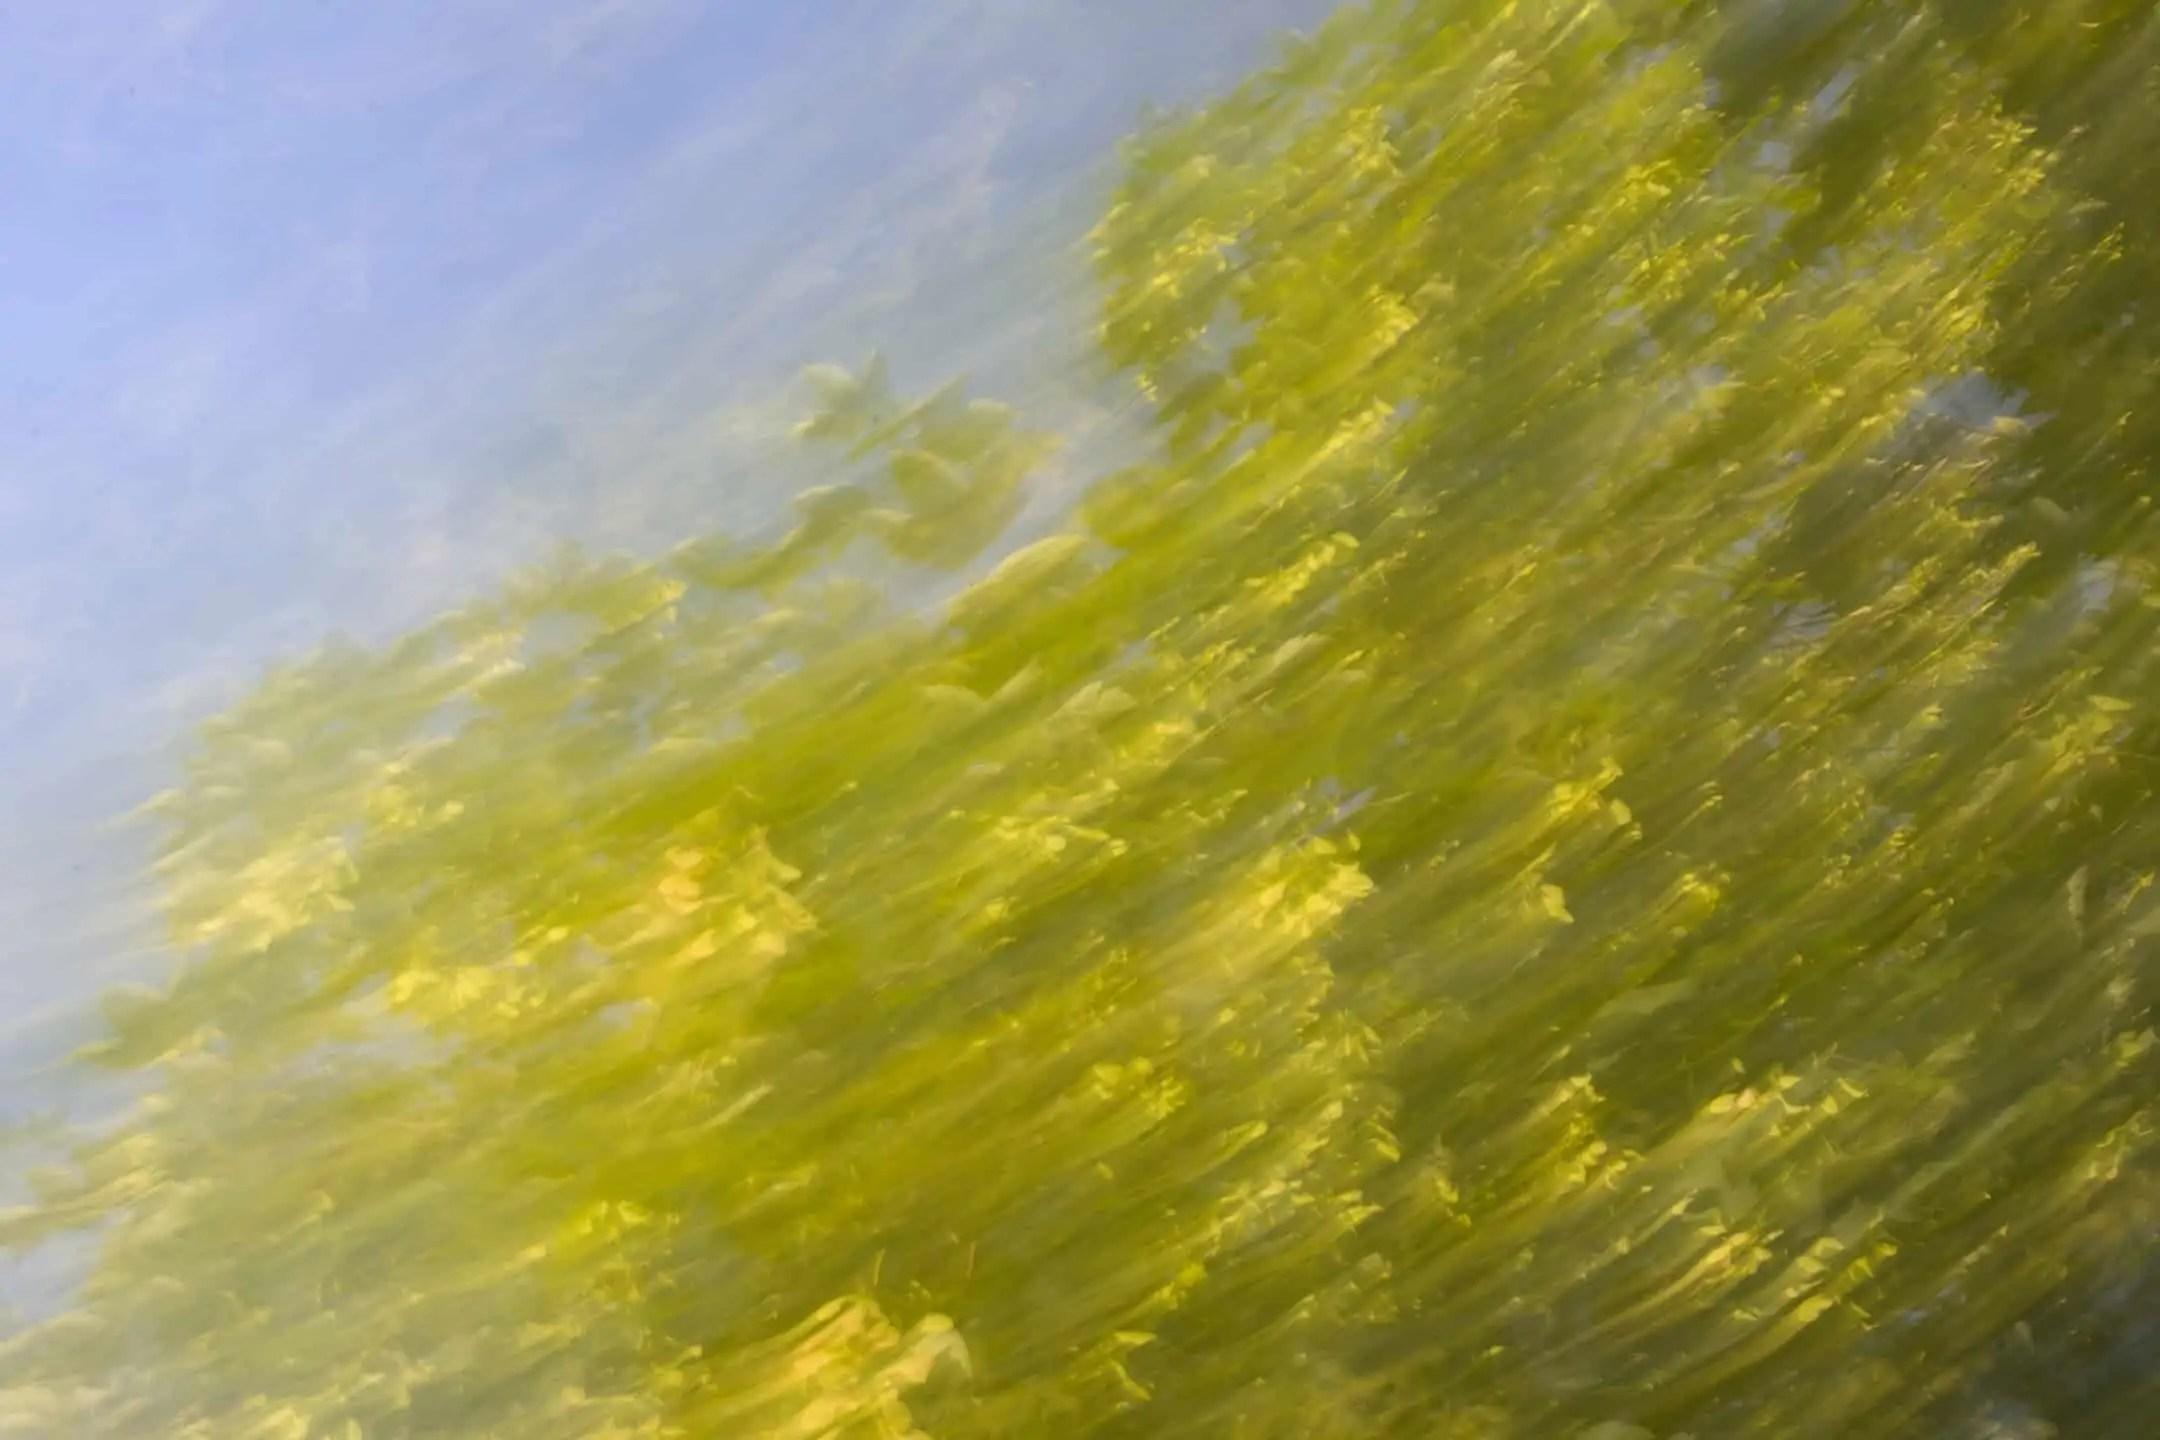 Abstrakcja w krajobrazie świadome poruszenie zdjęcia 3 - Zasady kompozycji - przewodnik po 20 regułach